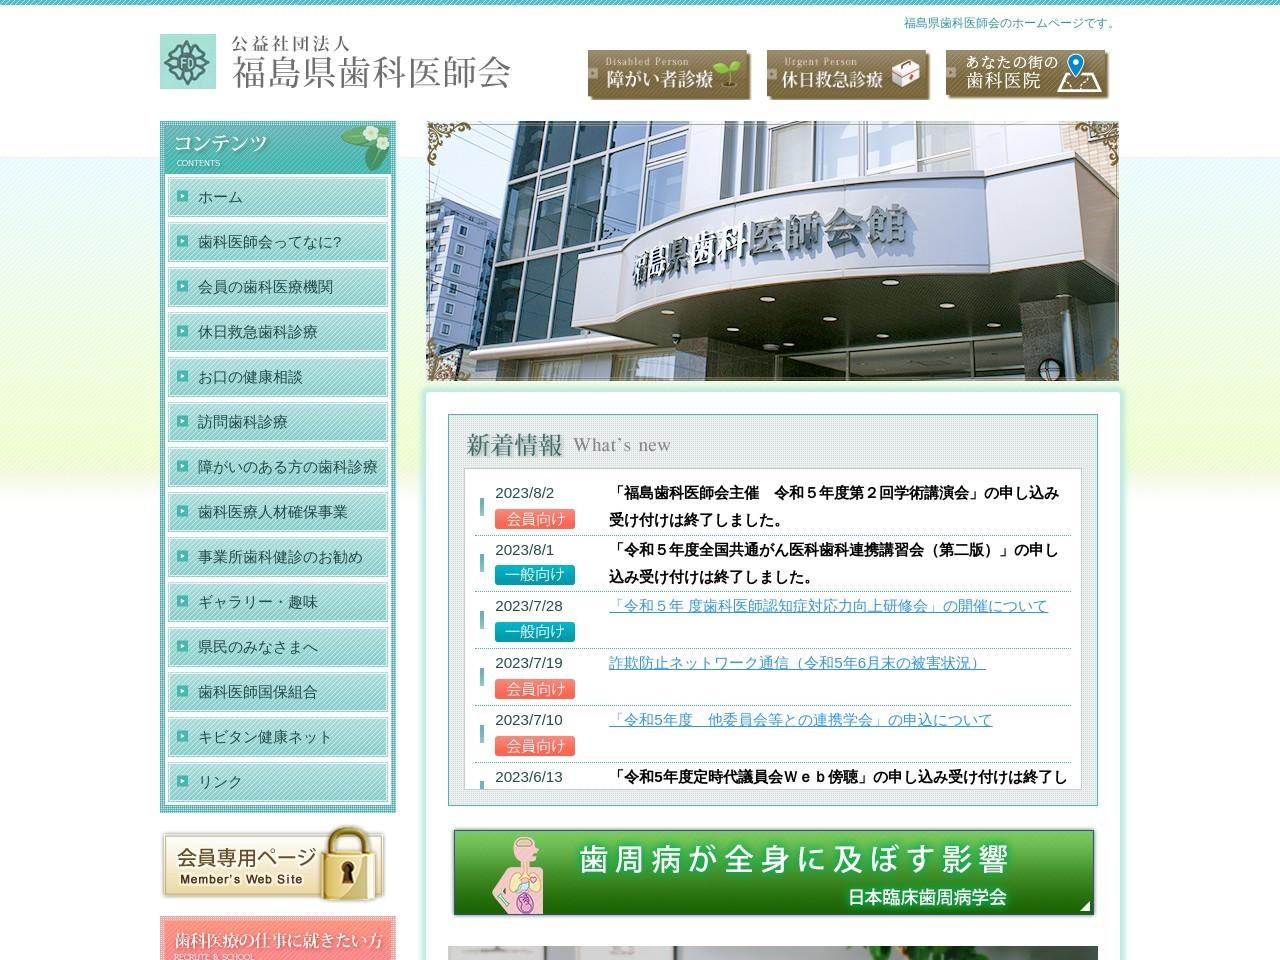 中島歯科医院 (福島県河沼郡会津坂下町)